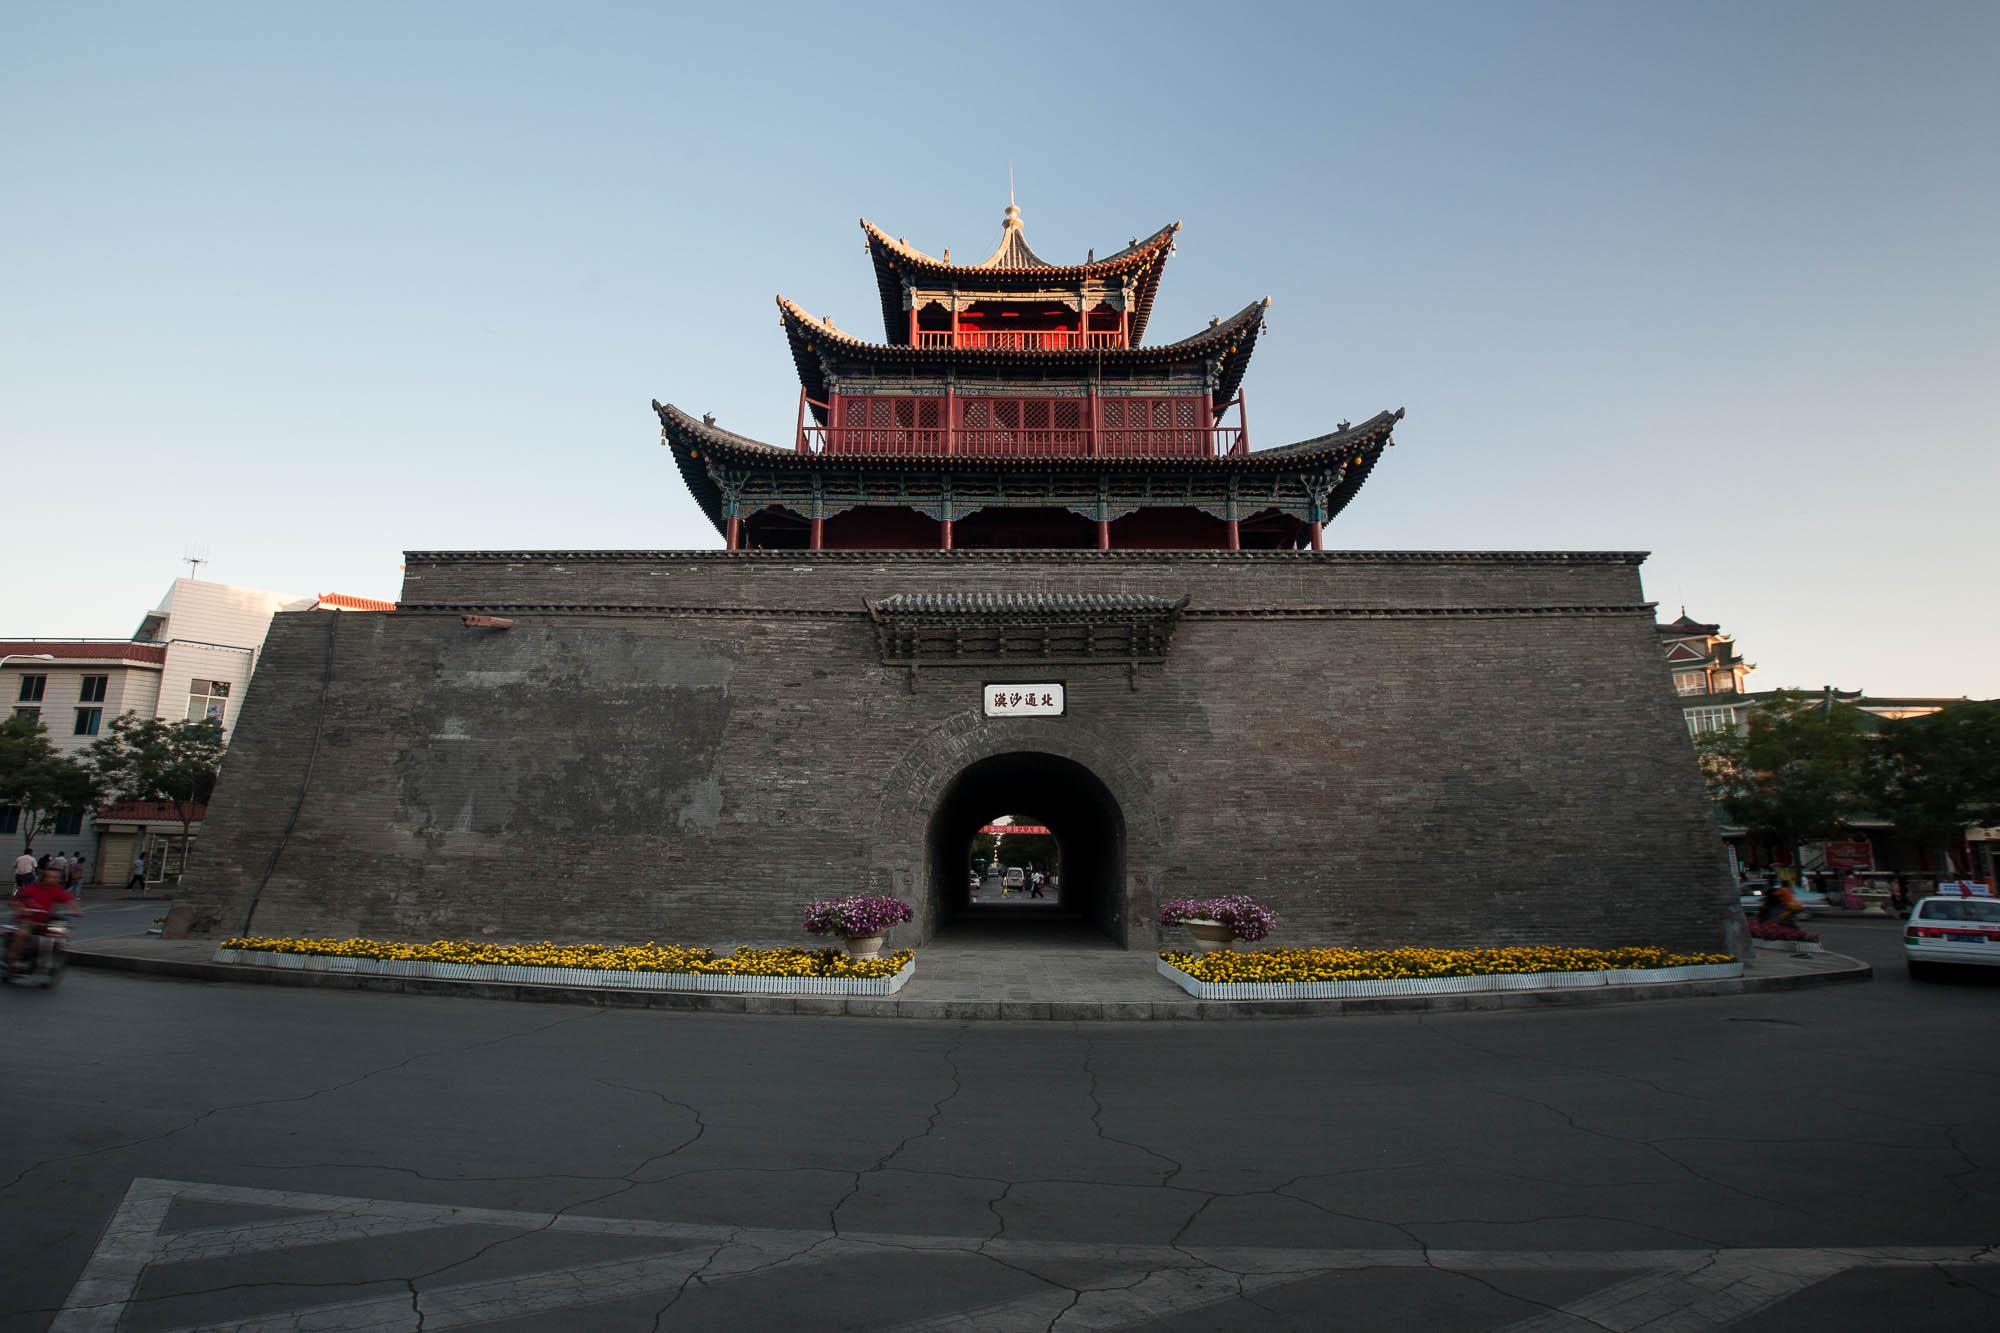 Jiuquan Drum Tower